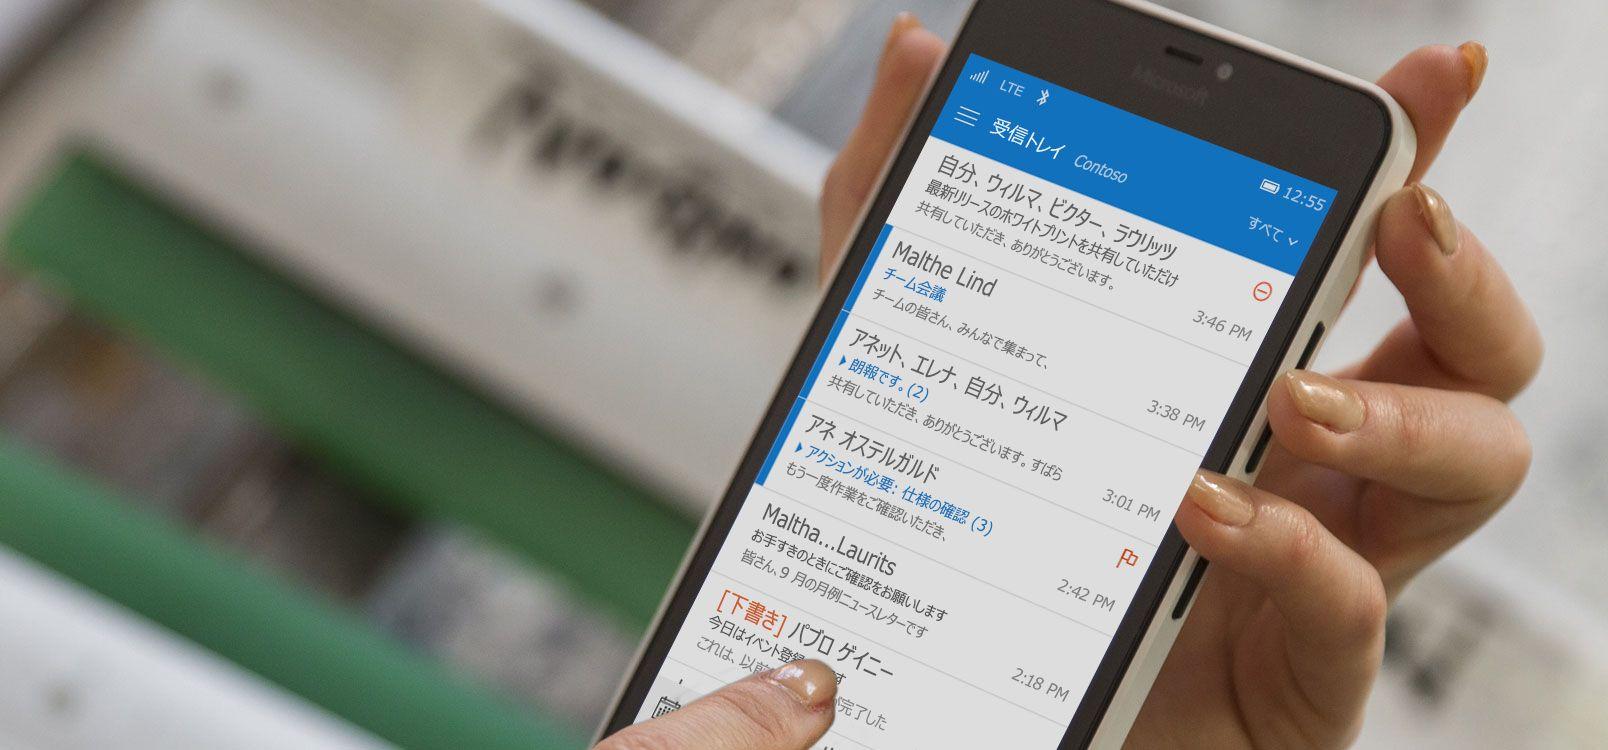 スマートフォンで Office 365 のメール リストのメッセージをタップしています。